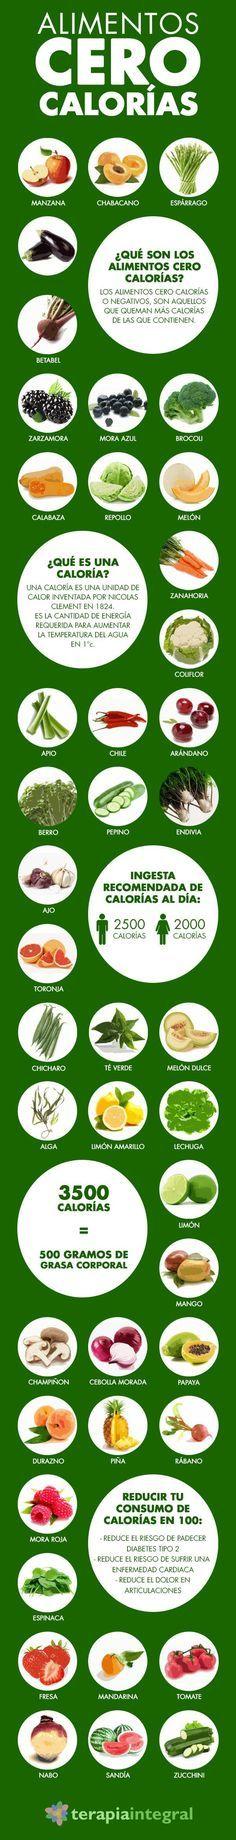 42 alimentos con cero calorías. #nutrición #salud #infjografía